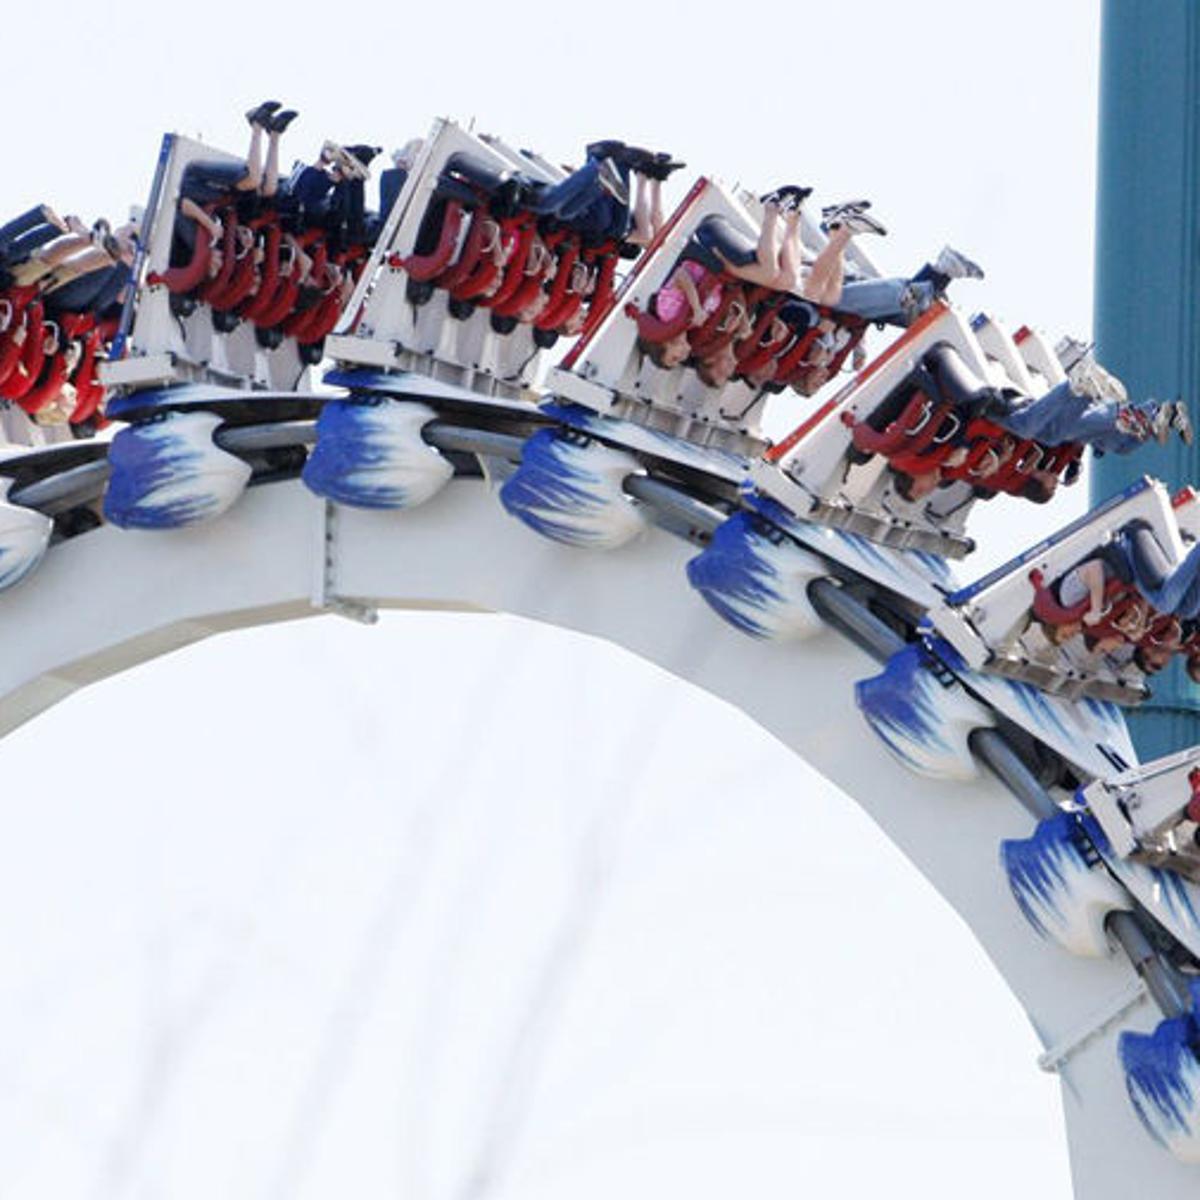 Busch Gardens riders removed after Alpengeist gets stuck